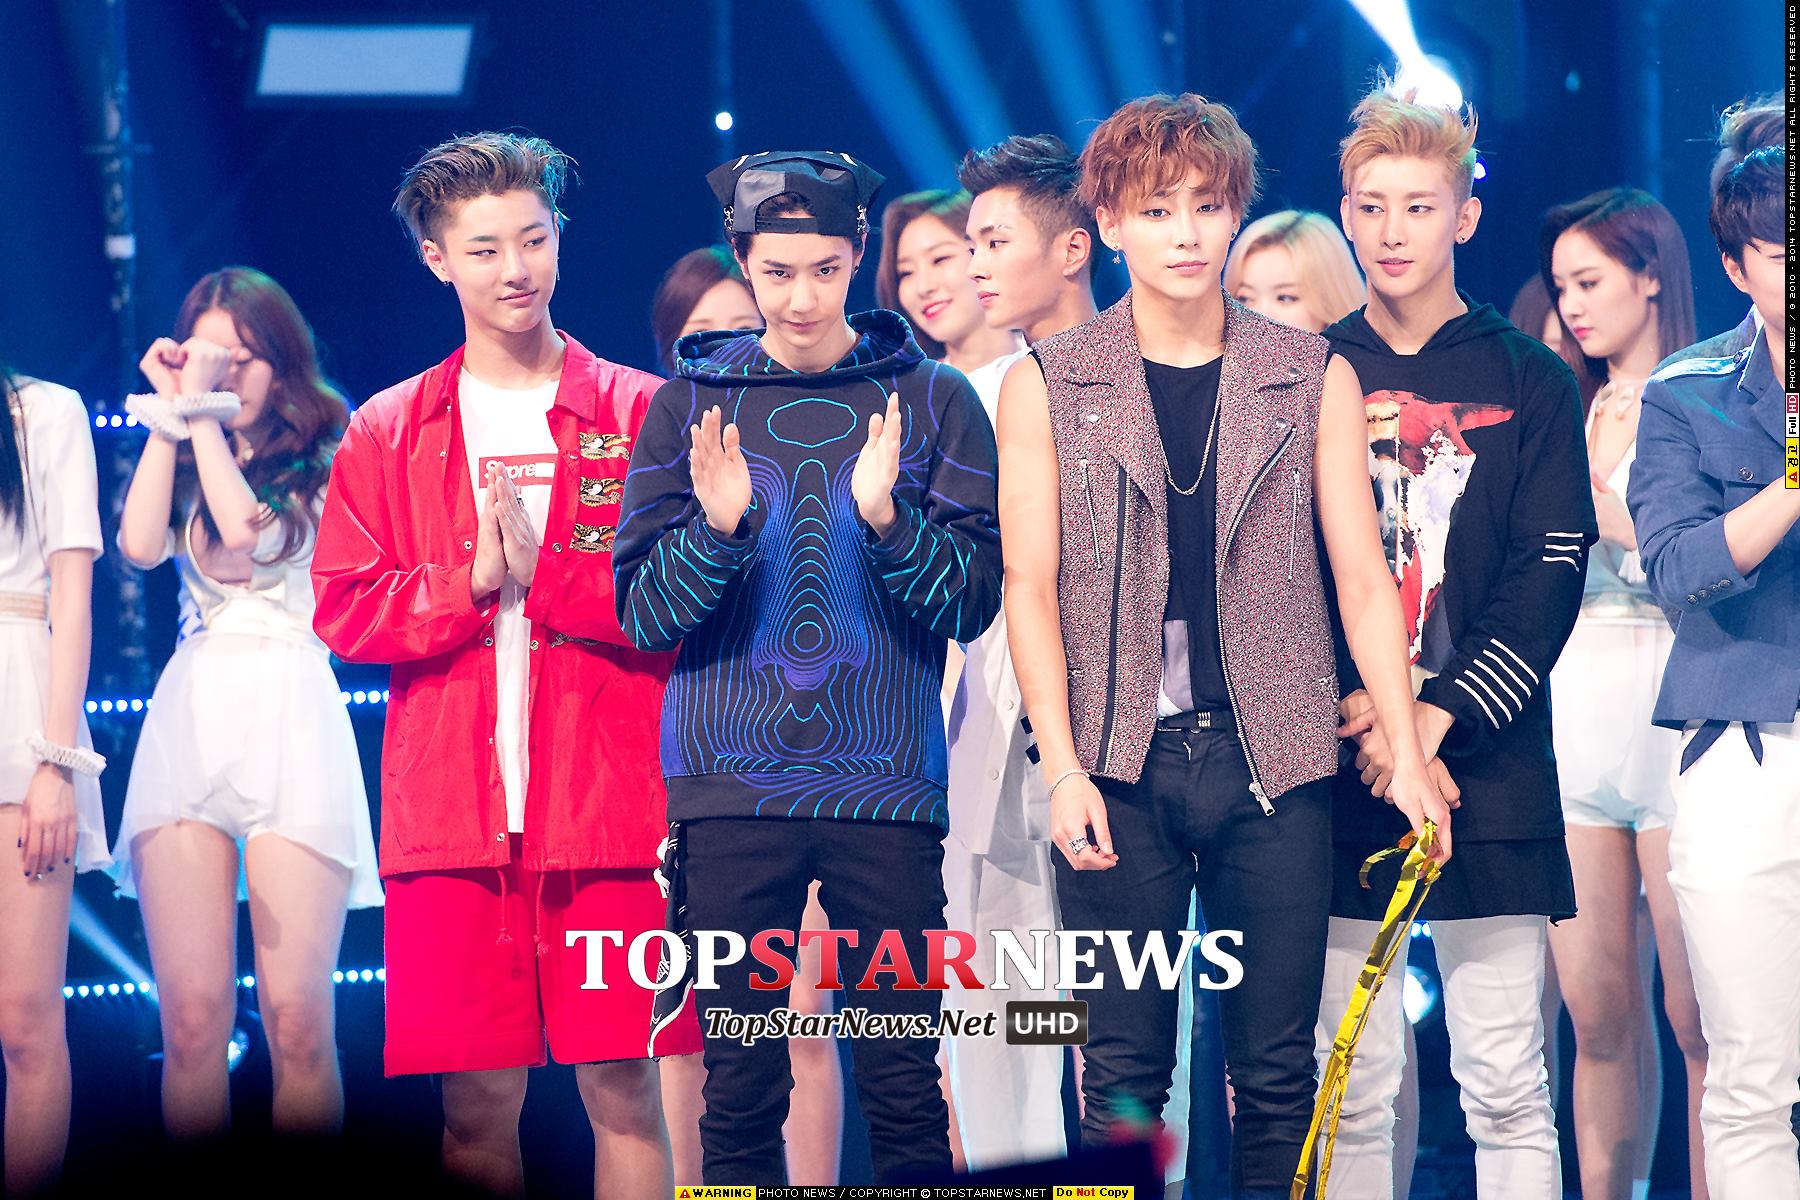 中國公司旗下則是有韓庚、周筆暢、阿杜以及男團UNIQ等歌手